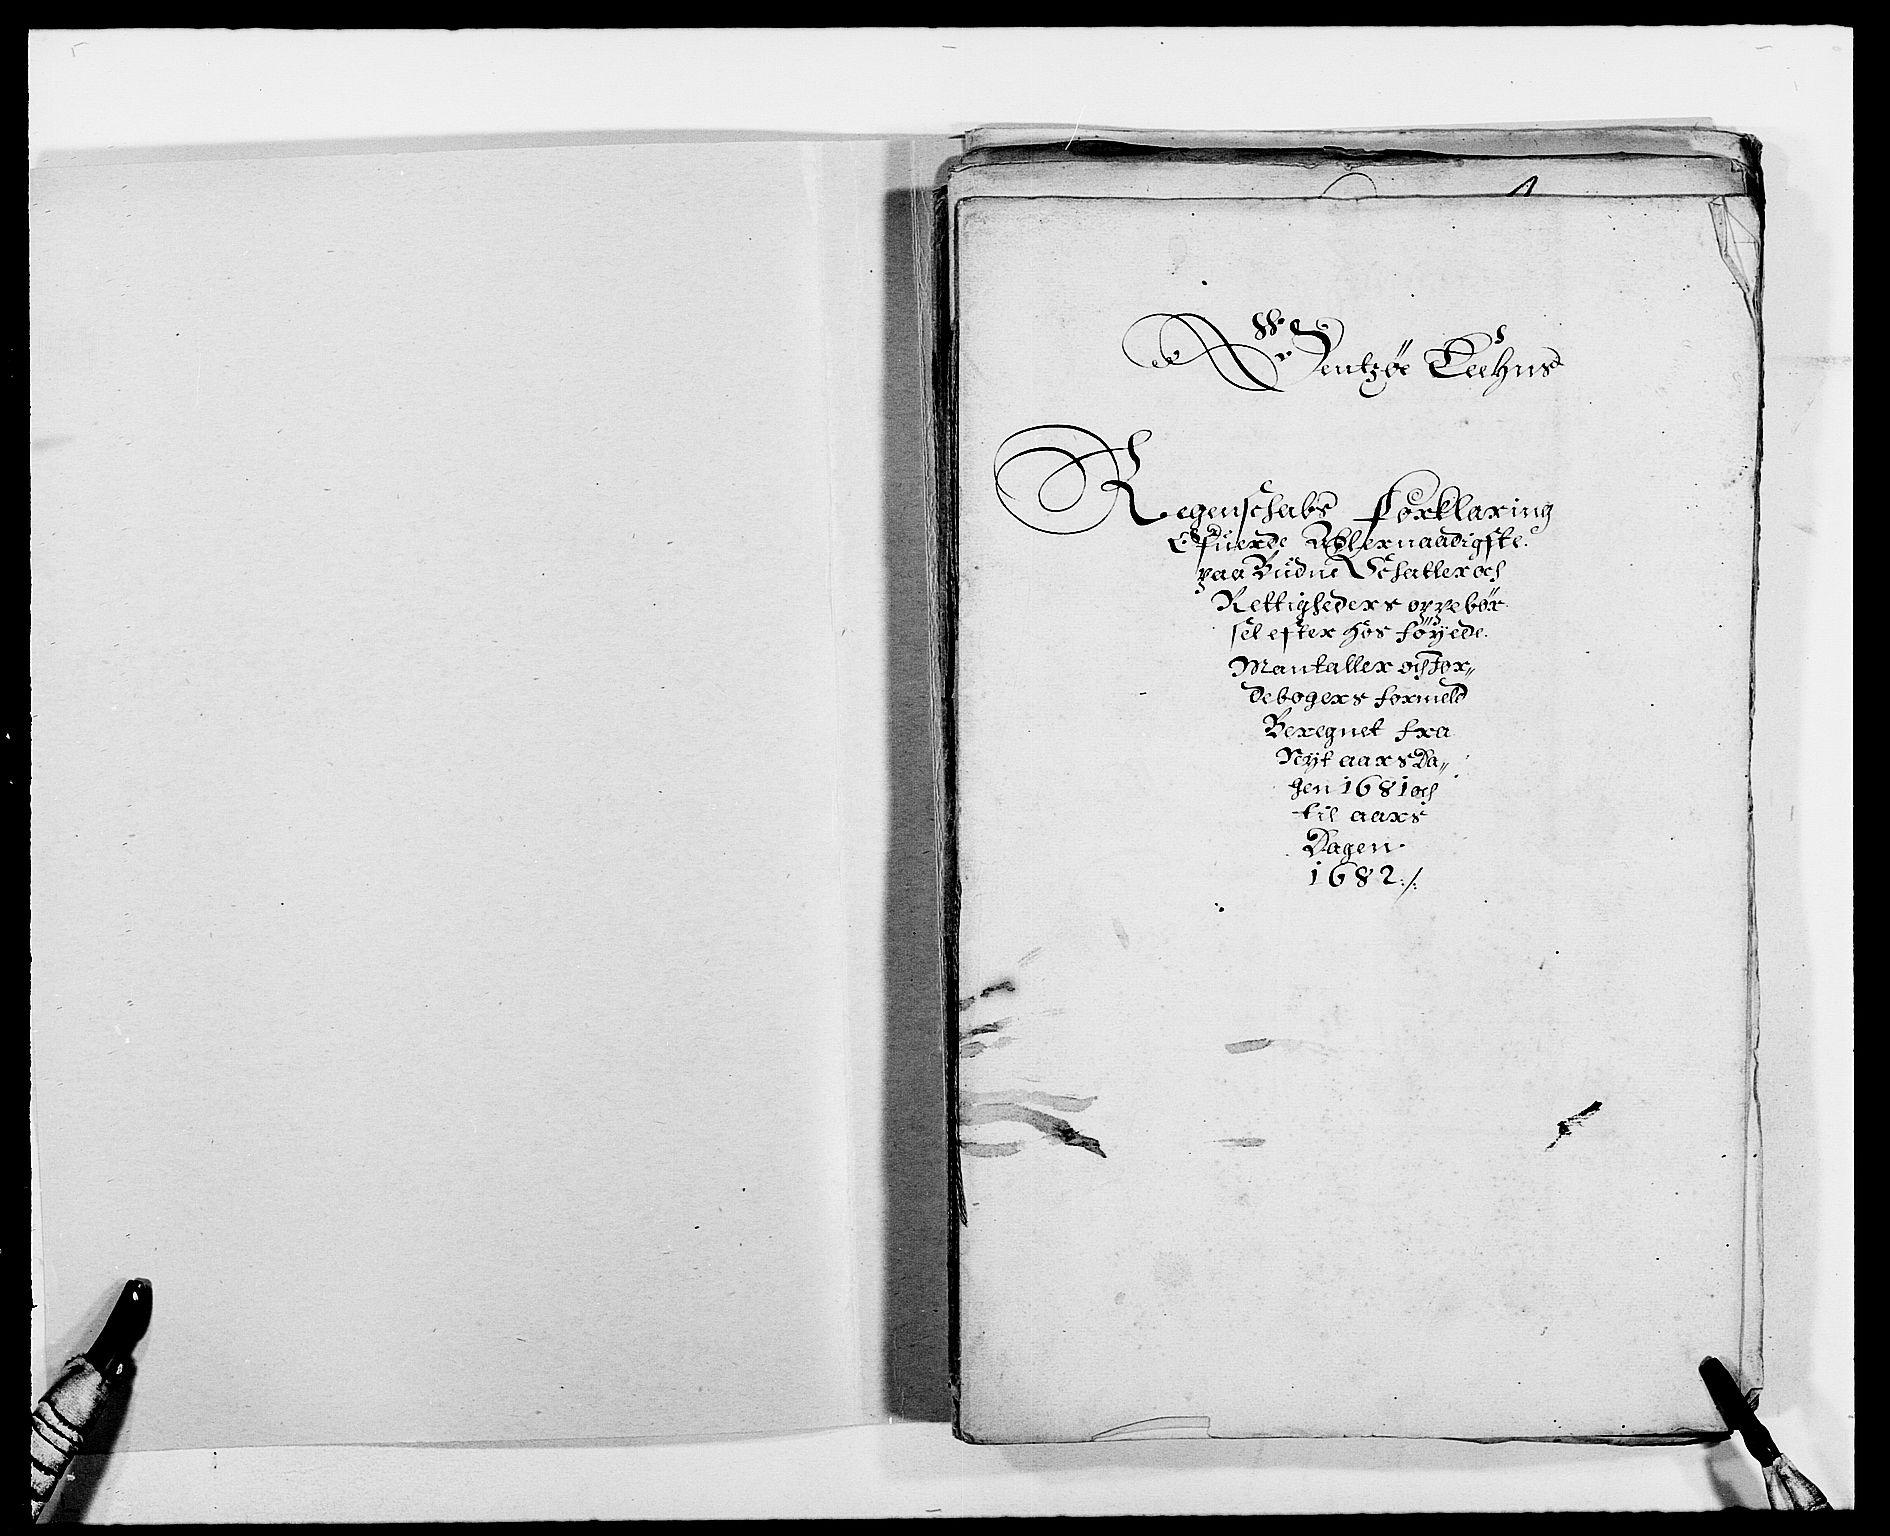 RA, Rentekammeret inntil 1814, Reviderte regnskaper, Fogderegnskap, R03/L0112: Fogderegnskap Onsøy, Tune, Veme og Åbygge fogderi, 1681-1683, s. 2